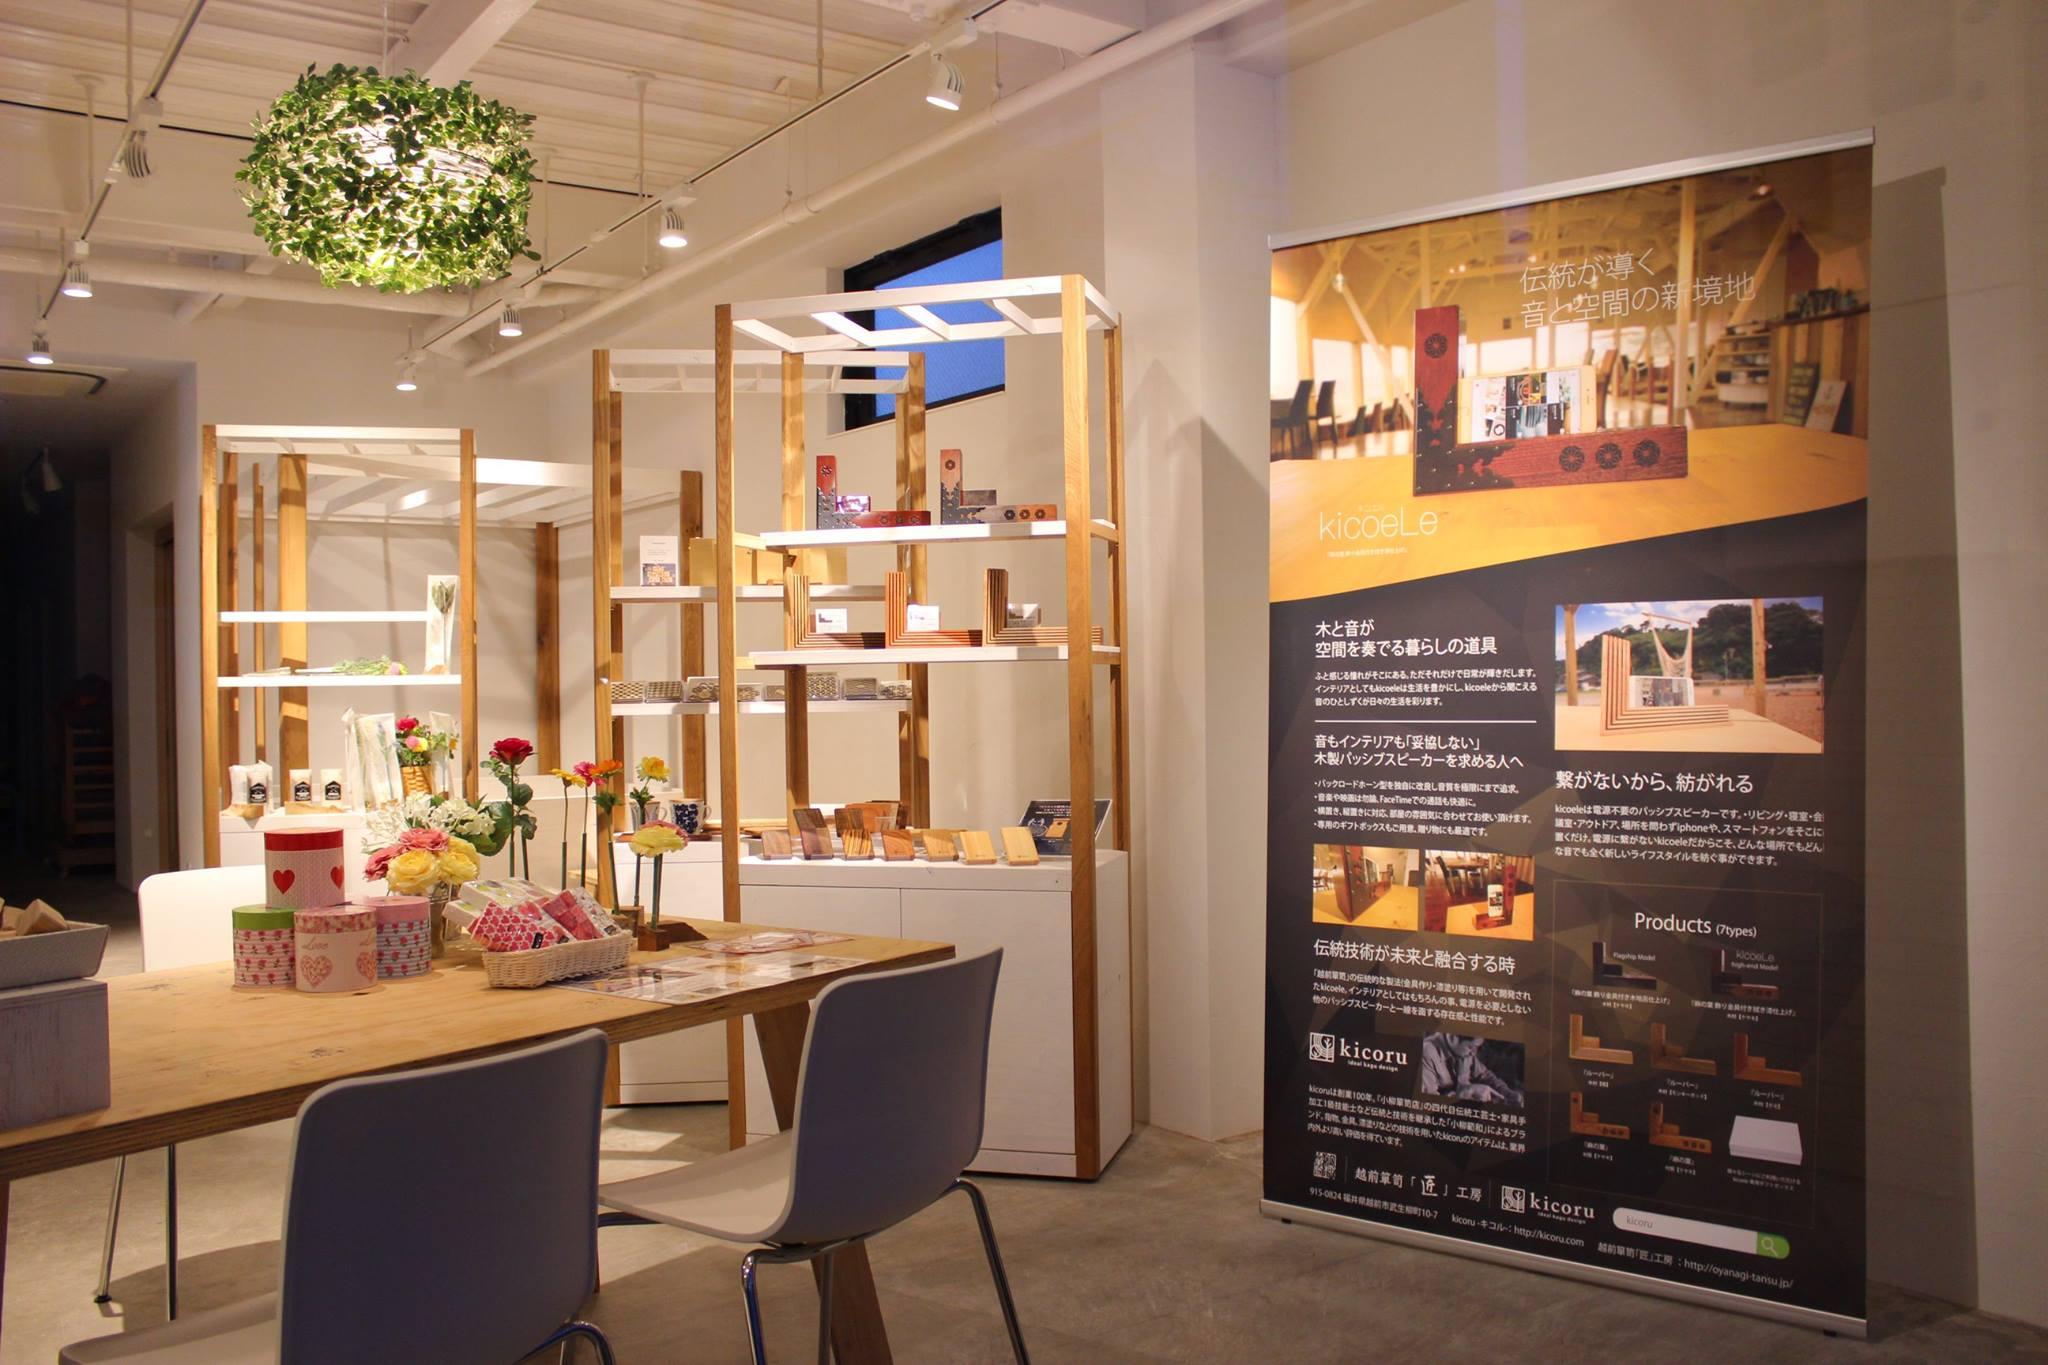 越前箪笥・オーダー家具・木製アイテム・カトラリーのお店「kicoru」